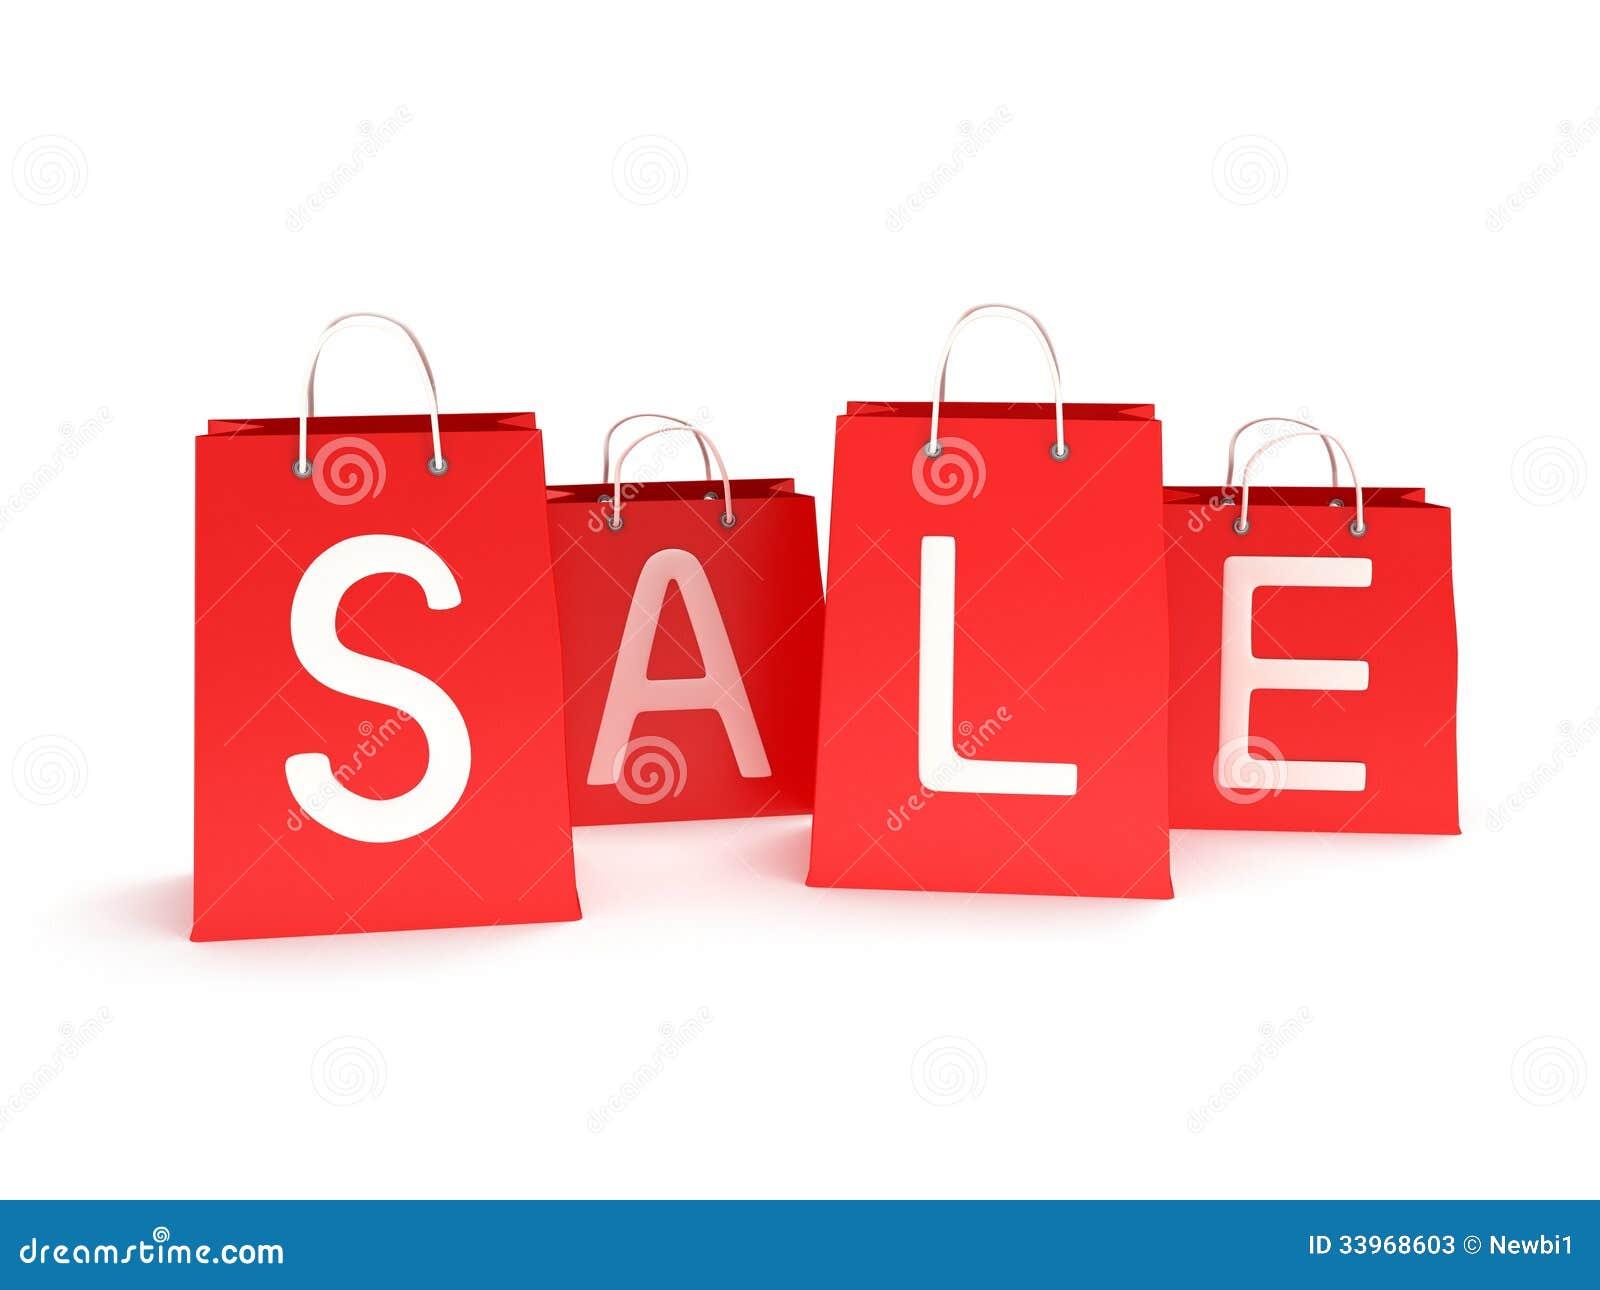 Продажа оптом и в розницу salebagsru